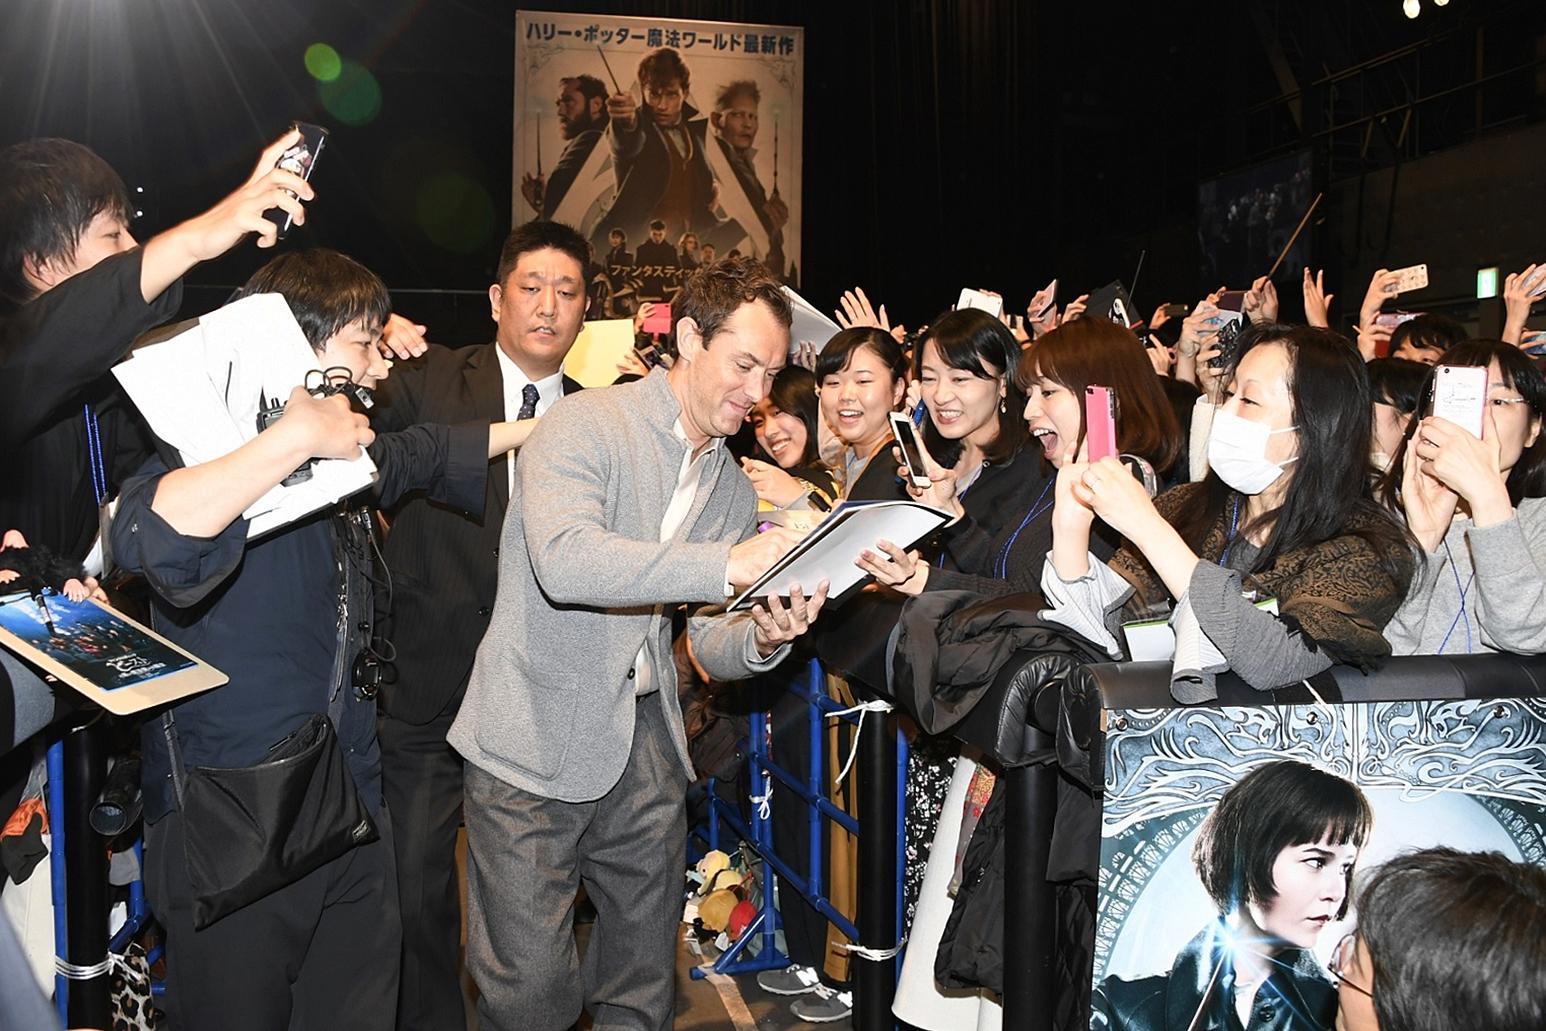 【写真】映画『ファンタスティック・ビーストと黒い魔法使いの誕生』スペシャルファンナイト (ジュード・ロウ)